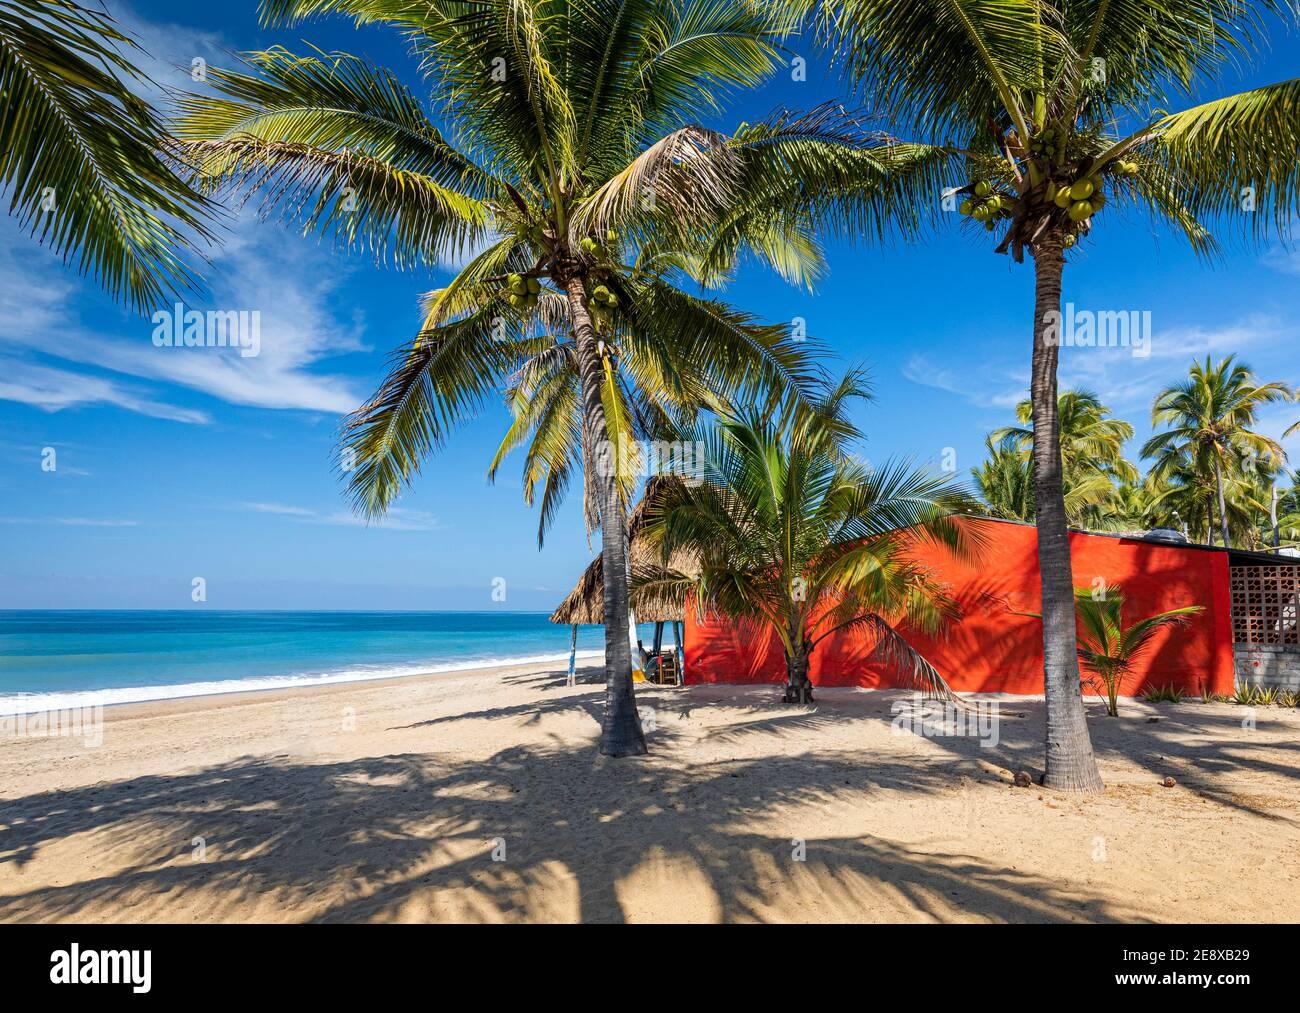 Maison rouge sur la plage à Lo de Marcos sur la côte Pacifique de Nayarit, Mexique. Banque D'Images